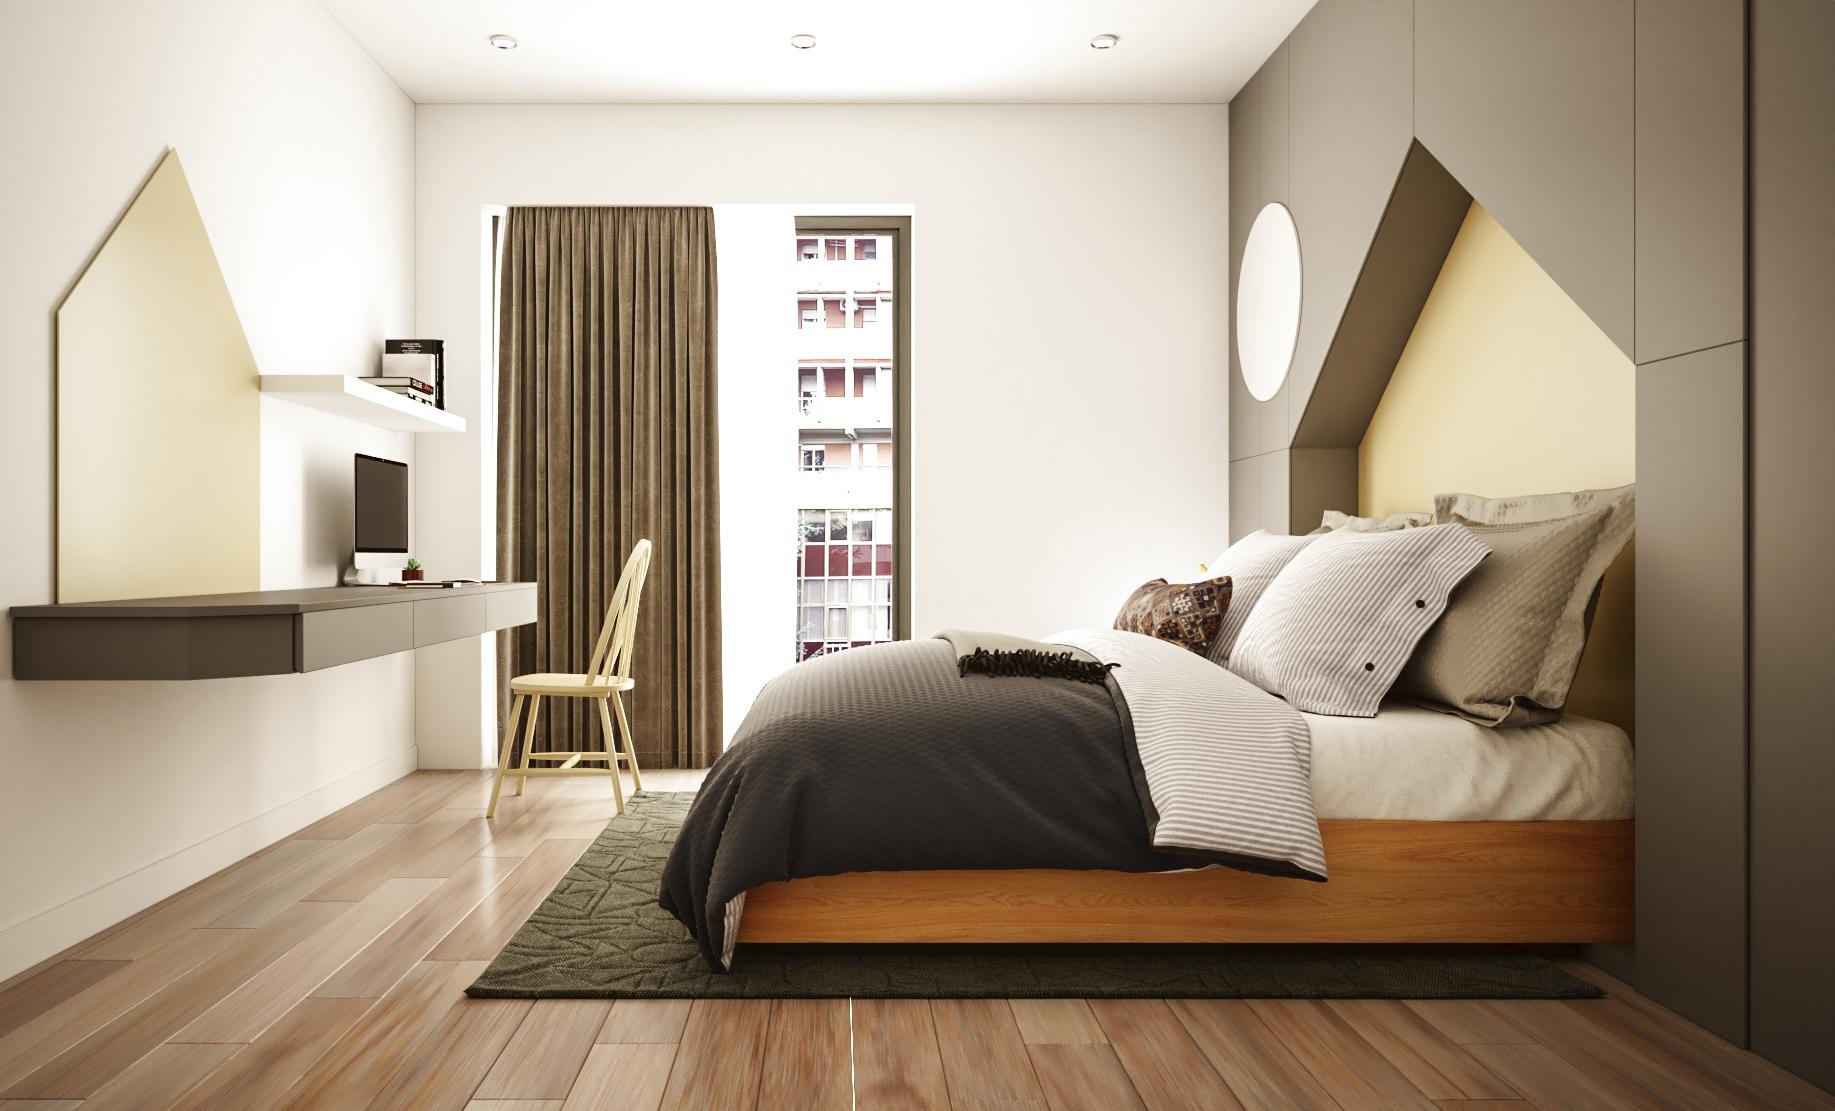 Thiết kế đầu giường nằm sâu trong hình lục giác màu nâu cam trên tường quả đầy bất ngờ và thú vị